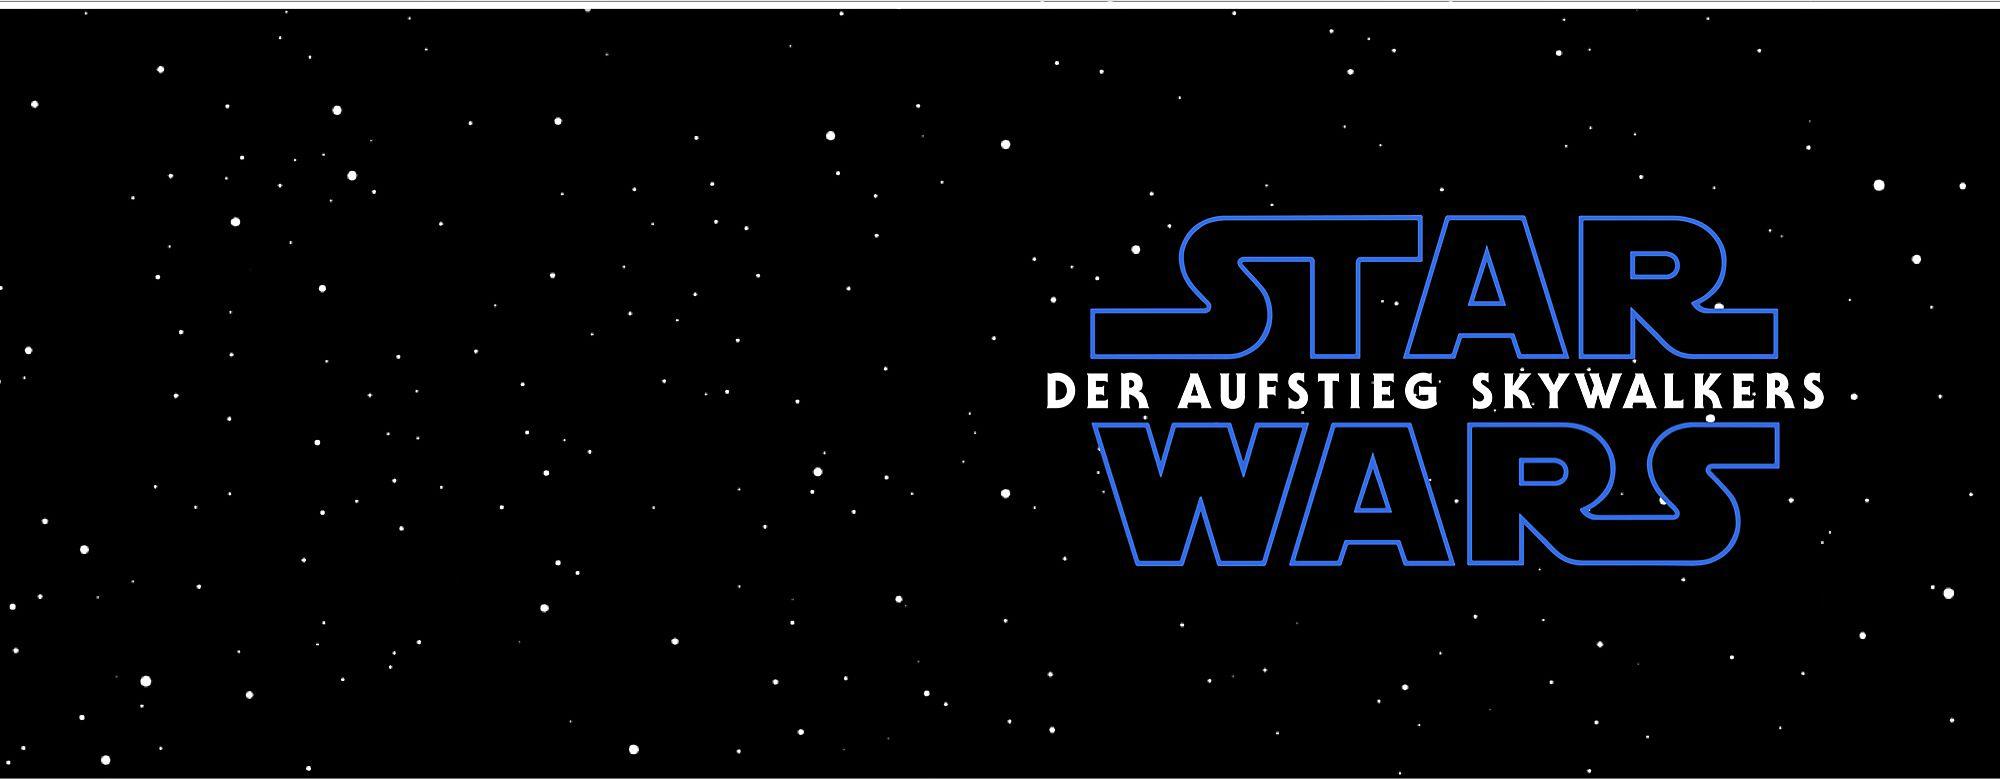 Im letzten Kapitel der Skywalker-Saga steht der verbliebende Widerstand einmal mehr der Ersten Ordnung gegenüber. Trete dem Widerstand bei und entdecke unsere galaktische Kollektion in Kürze. Erhältlich ab Dezember 2019